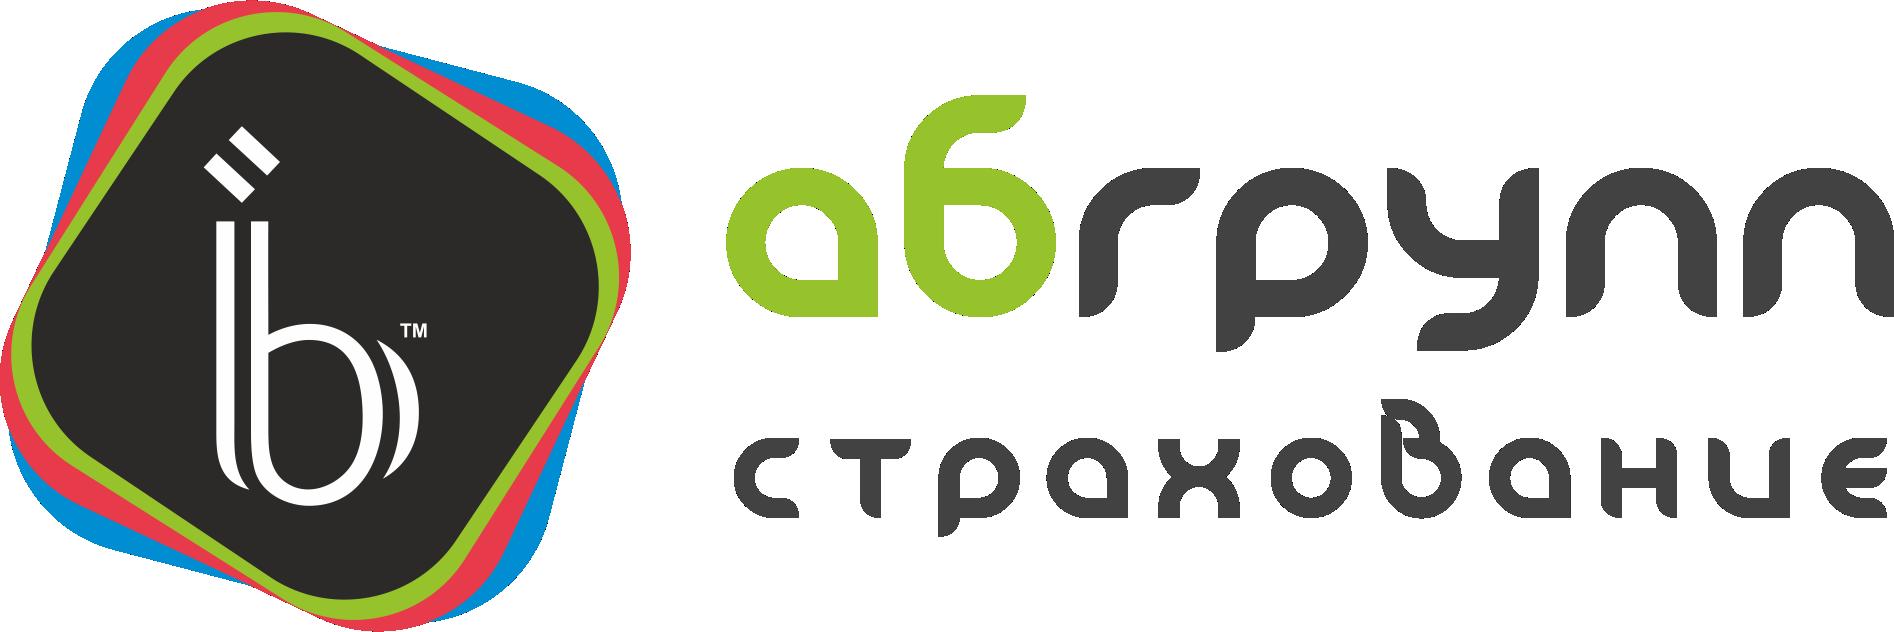 АБГрупп Страхование | Cтрахование КАСКО, ОСАГО, ДСАГО, имущества в Санкт-Петербурге и в Ленобласти